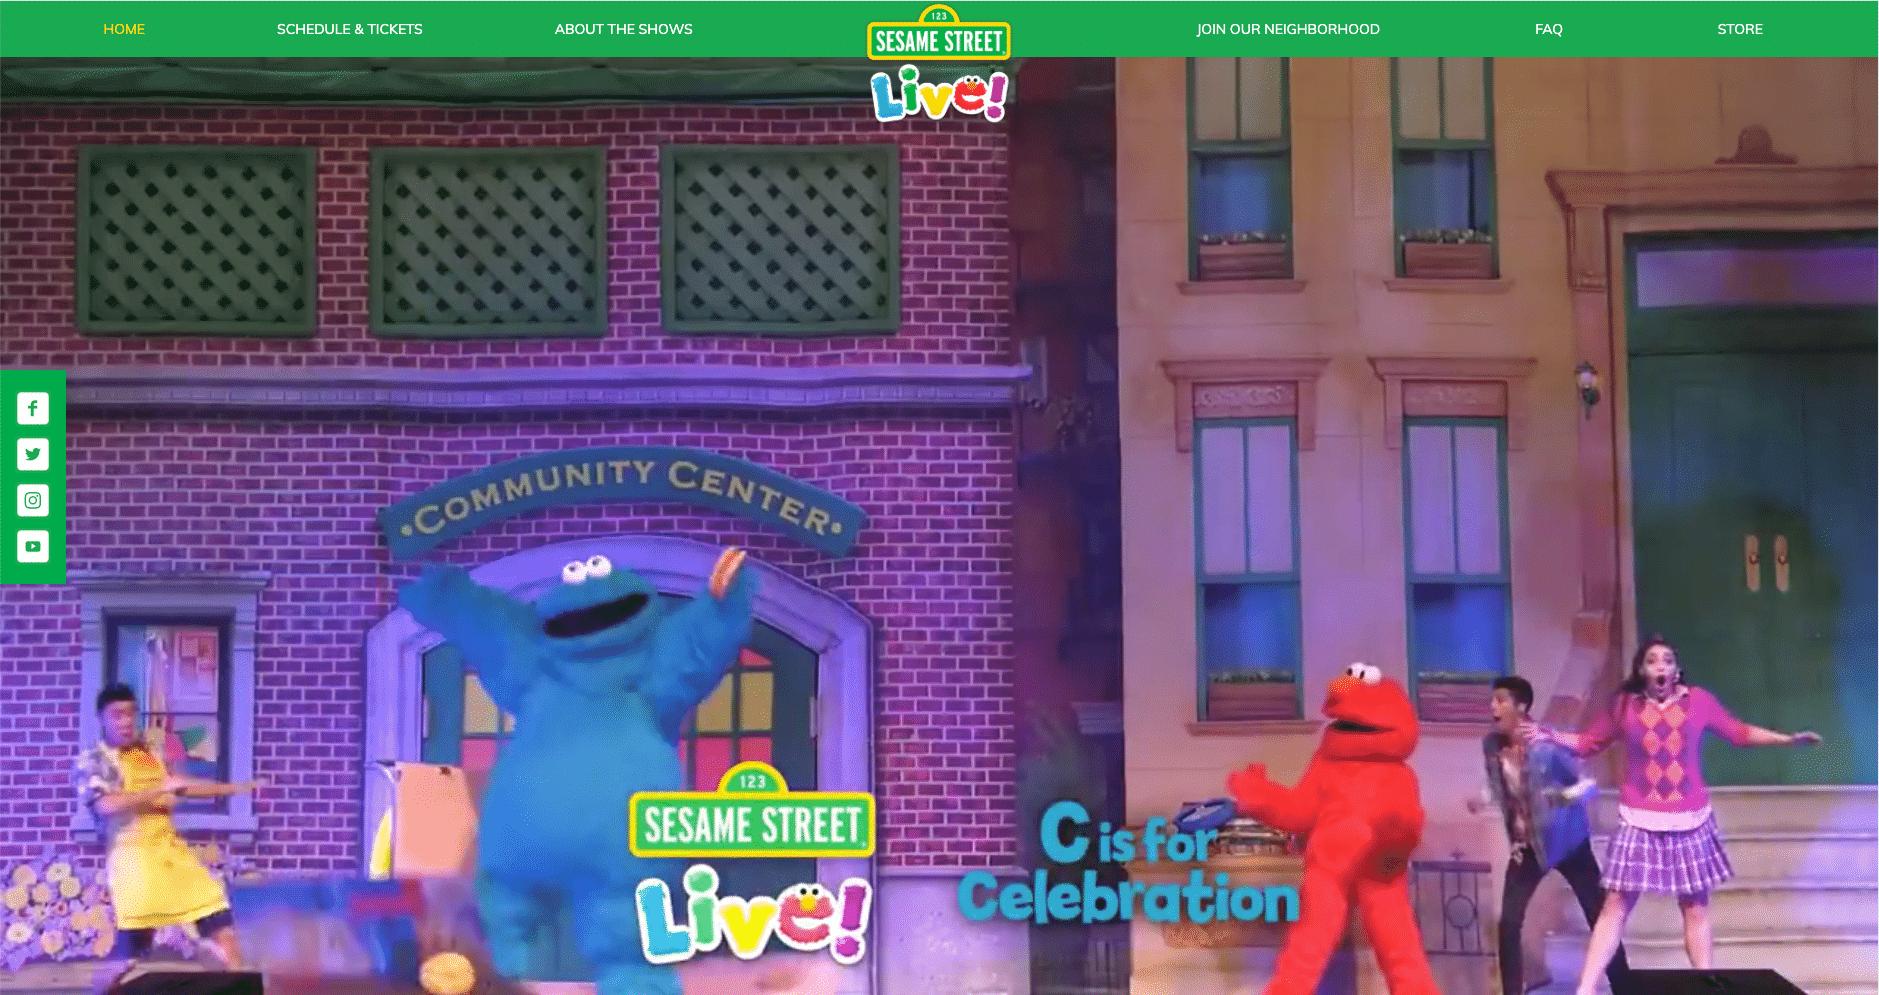 Sesame Street Live, seriens live-prestanda biljettnav